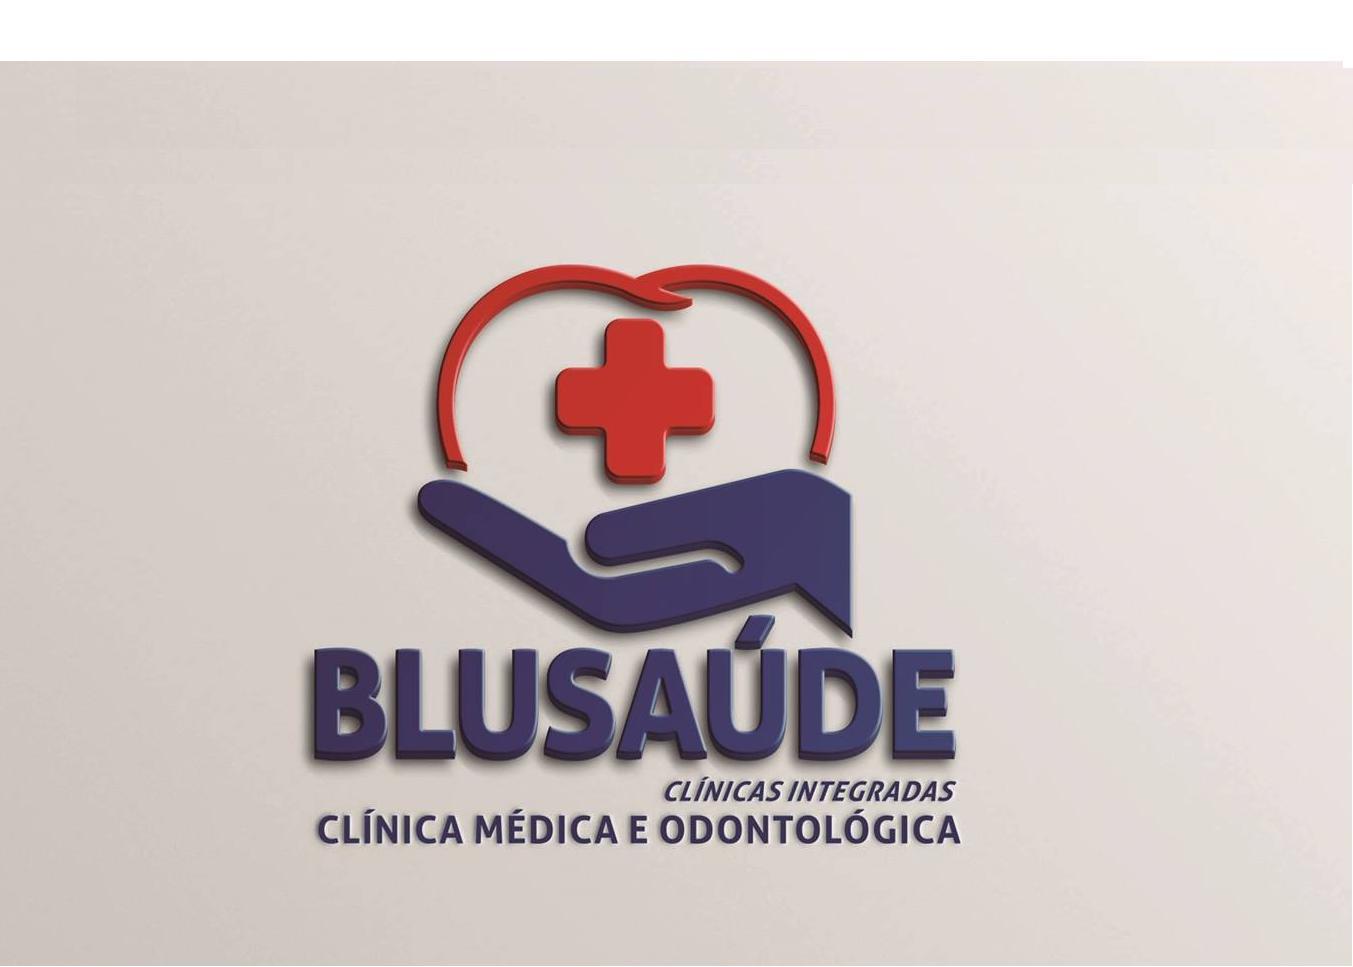 Blusaúde Clínicas Integradas - Clínica Médica e Odontológica